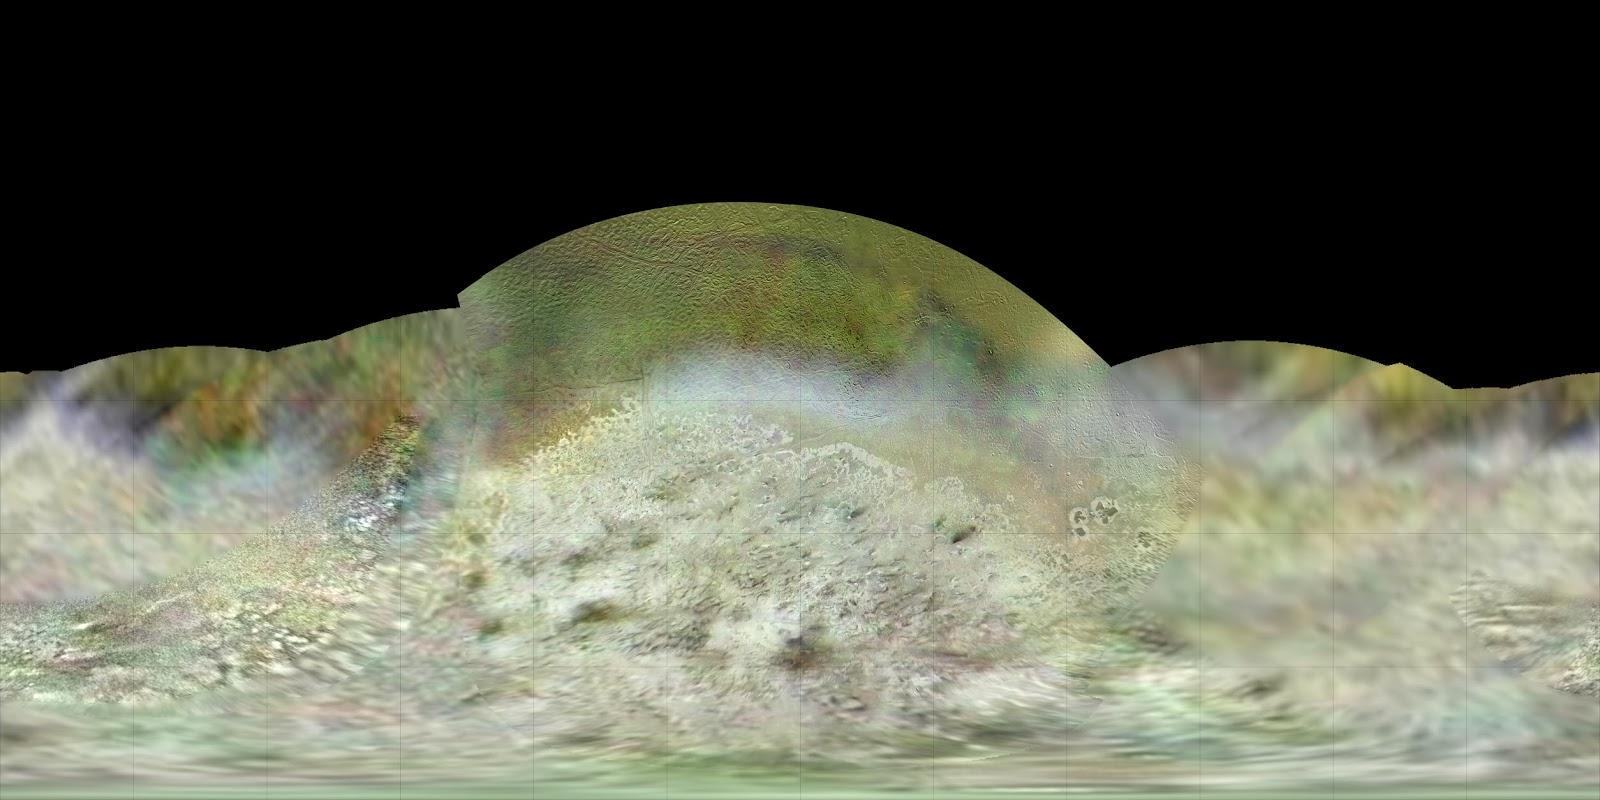 Подробную карту Тритона – спутника Сатурна создал Пол Шенк (2 фото)